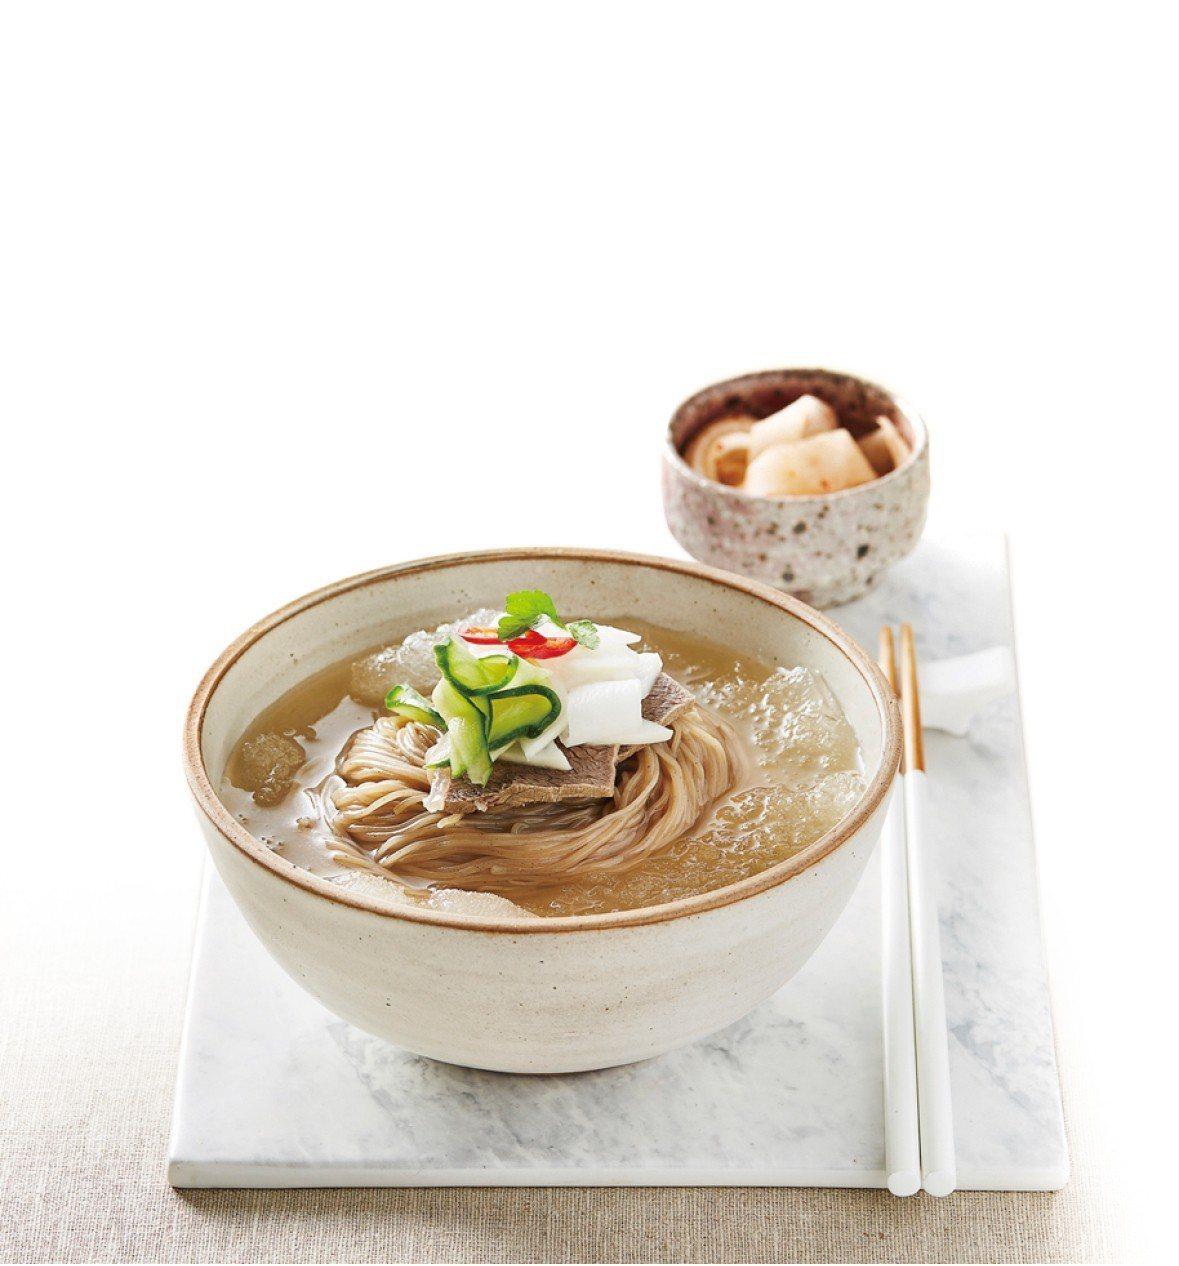 好午村平壤式水冷麵/拌冷麵,任選2包350元。圖/遠百提供